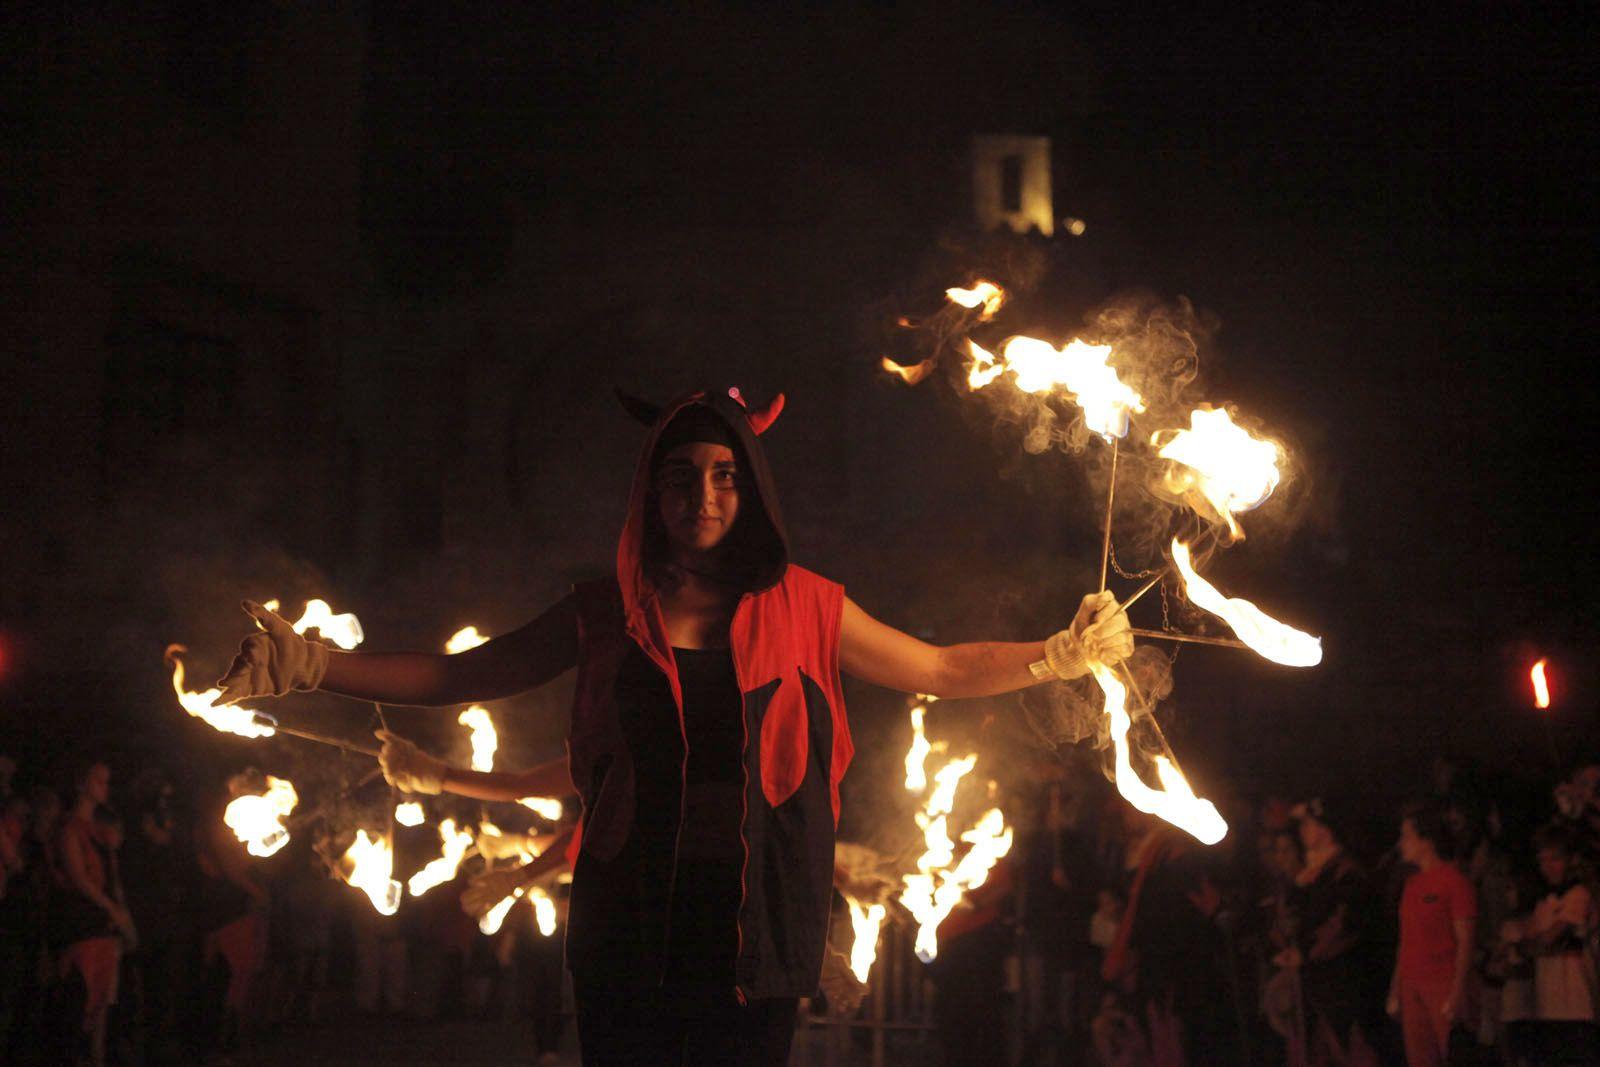 Nit de dissabte carregada de foc a Sant Cugat. FOTO: Artur Ribera